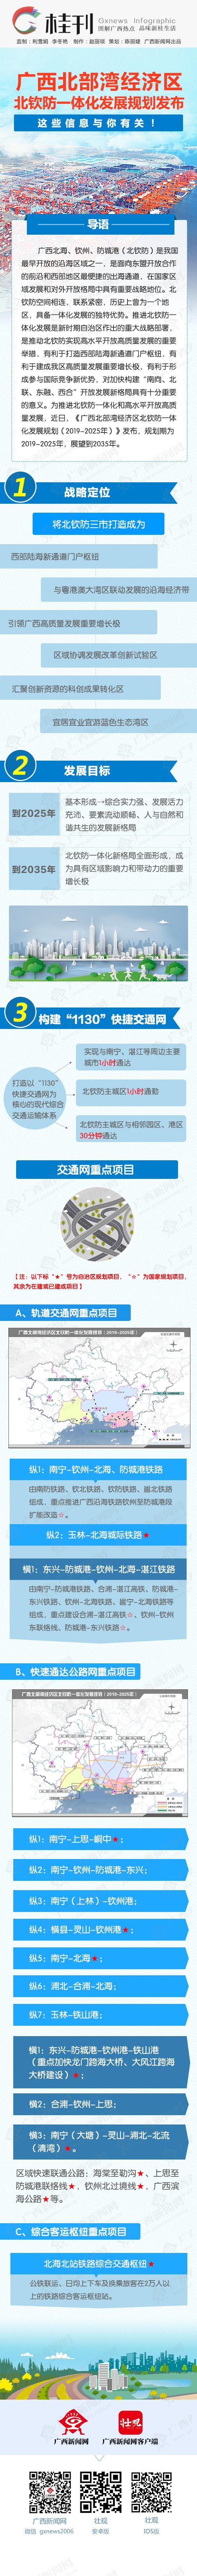 广西北部湾经济区北钦防一体化发展规划发布 这些信息与你有关!